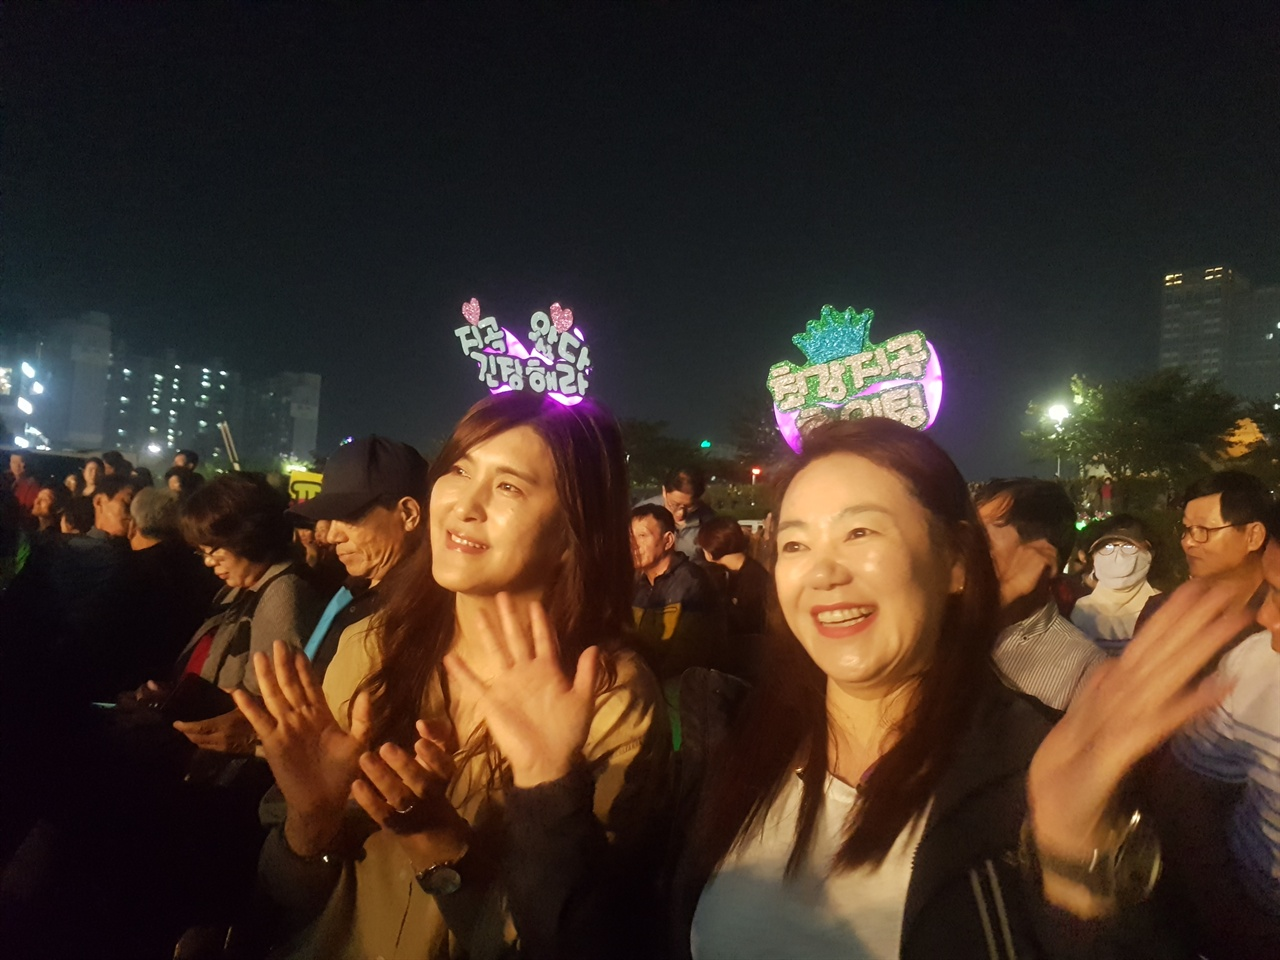 이날 지곡면 주민들은 응원 펼침막 외에 단체로 응원 머리띠를 갖추고 한목소리로 대표선수에게 힘을 실어주었다.